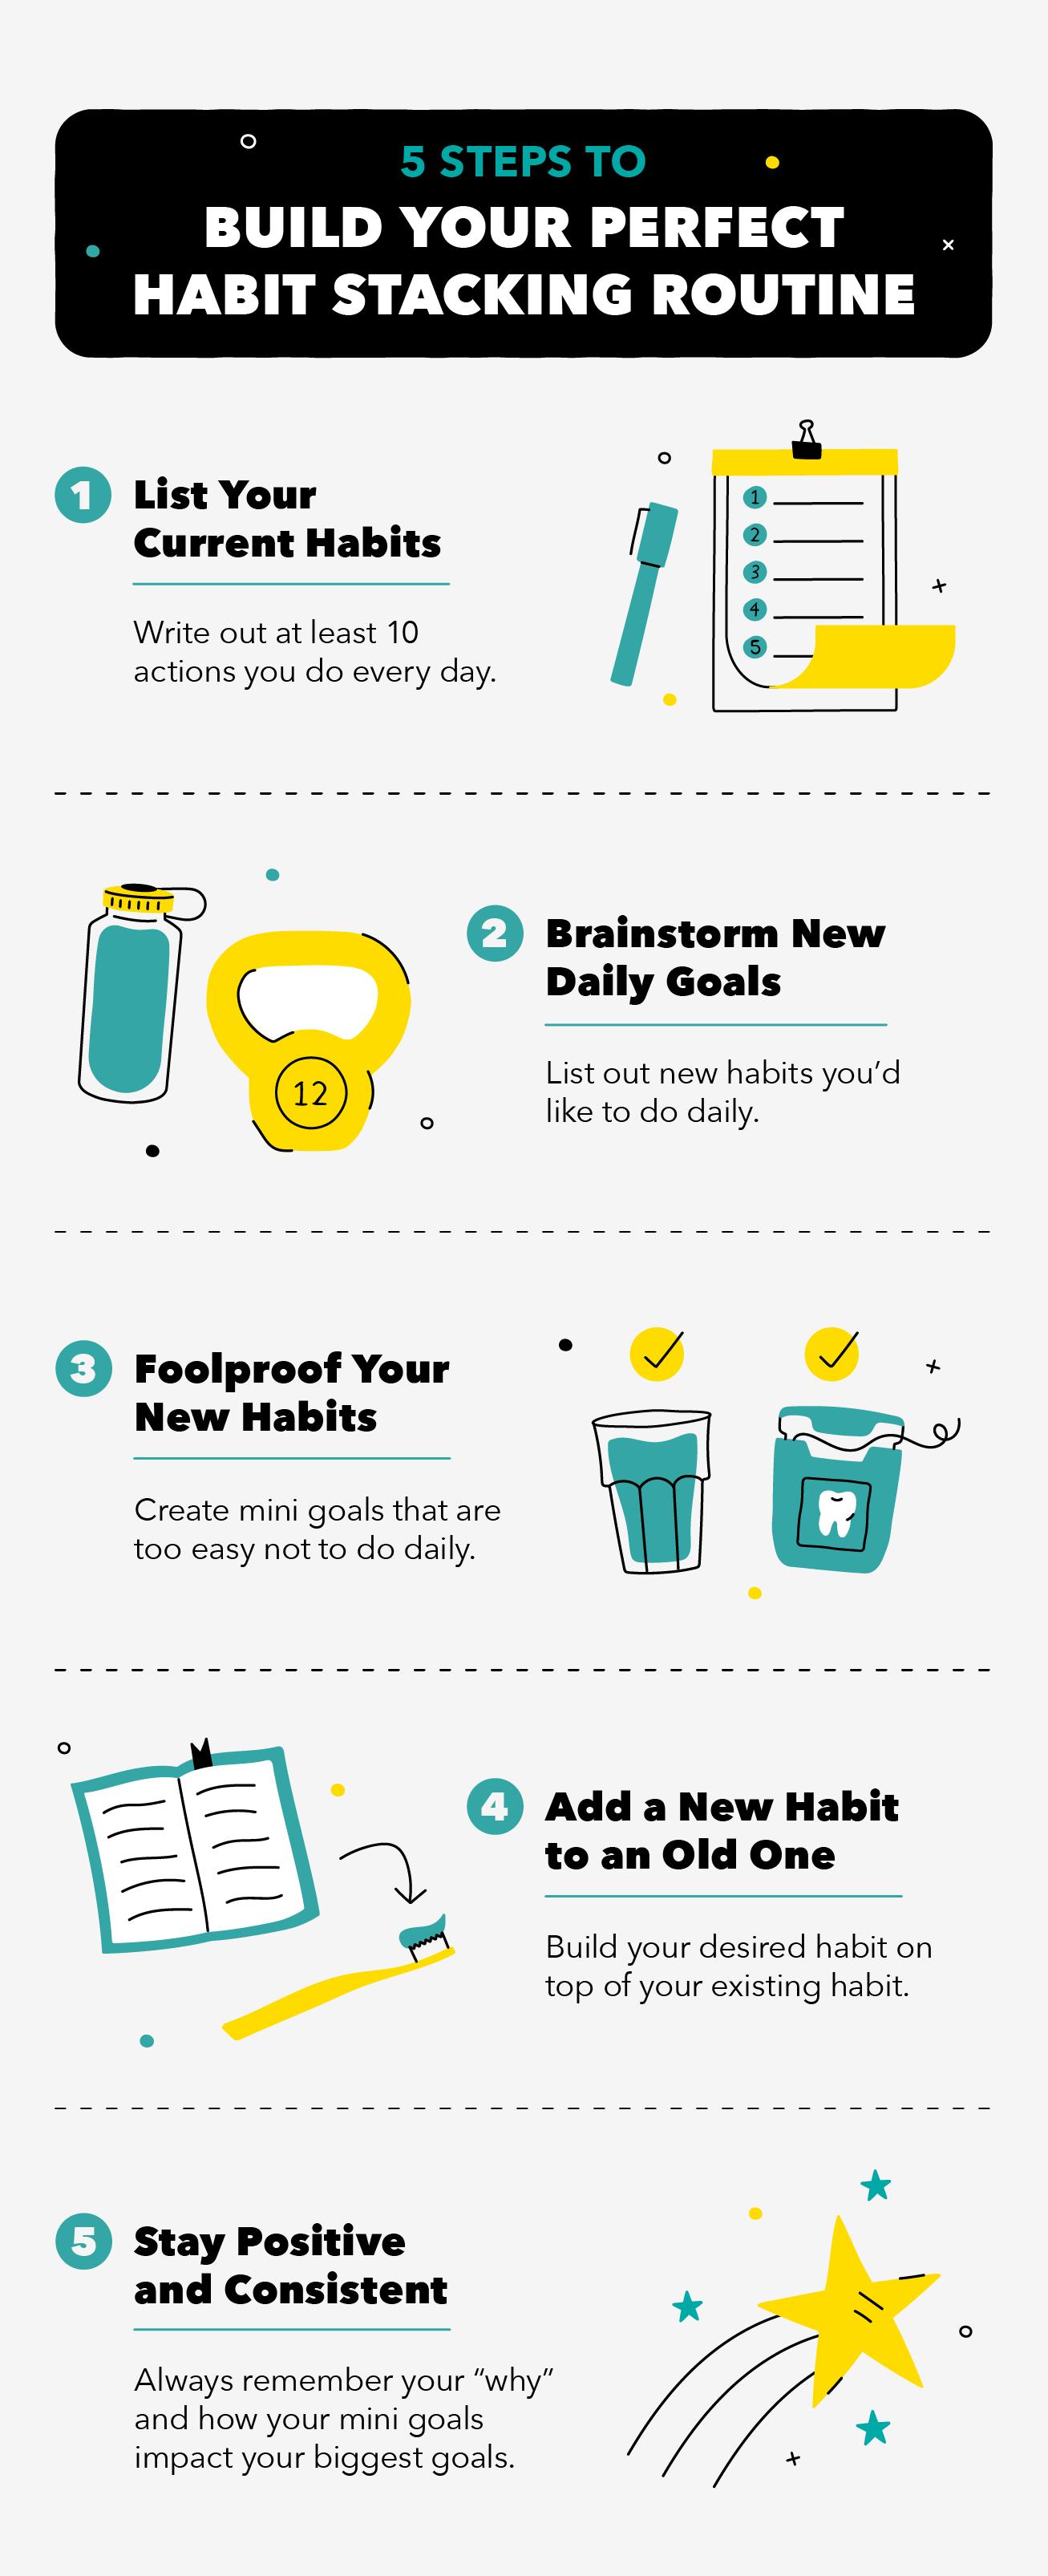 ¿Qué es la acumulación de hábitos?